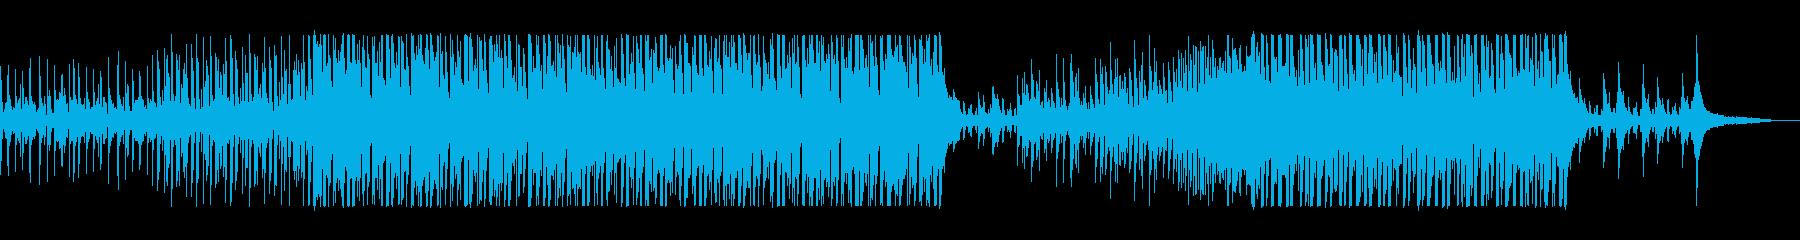 ラテン風味のエレクトロポップスの再生済みの波形